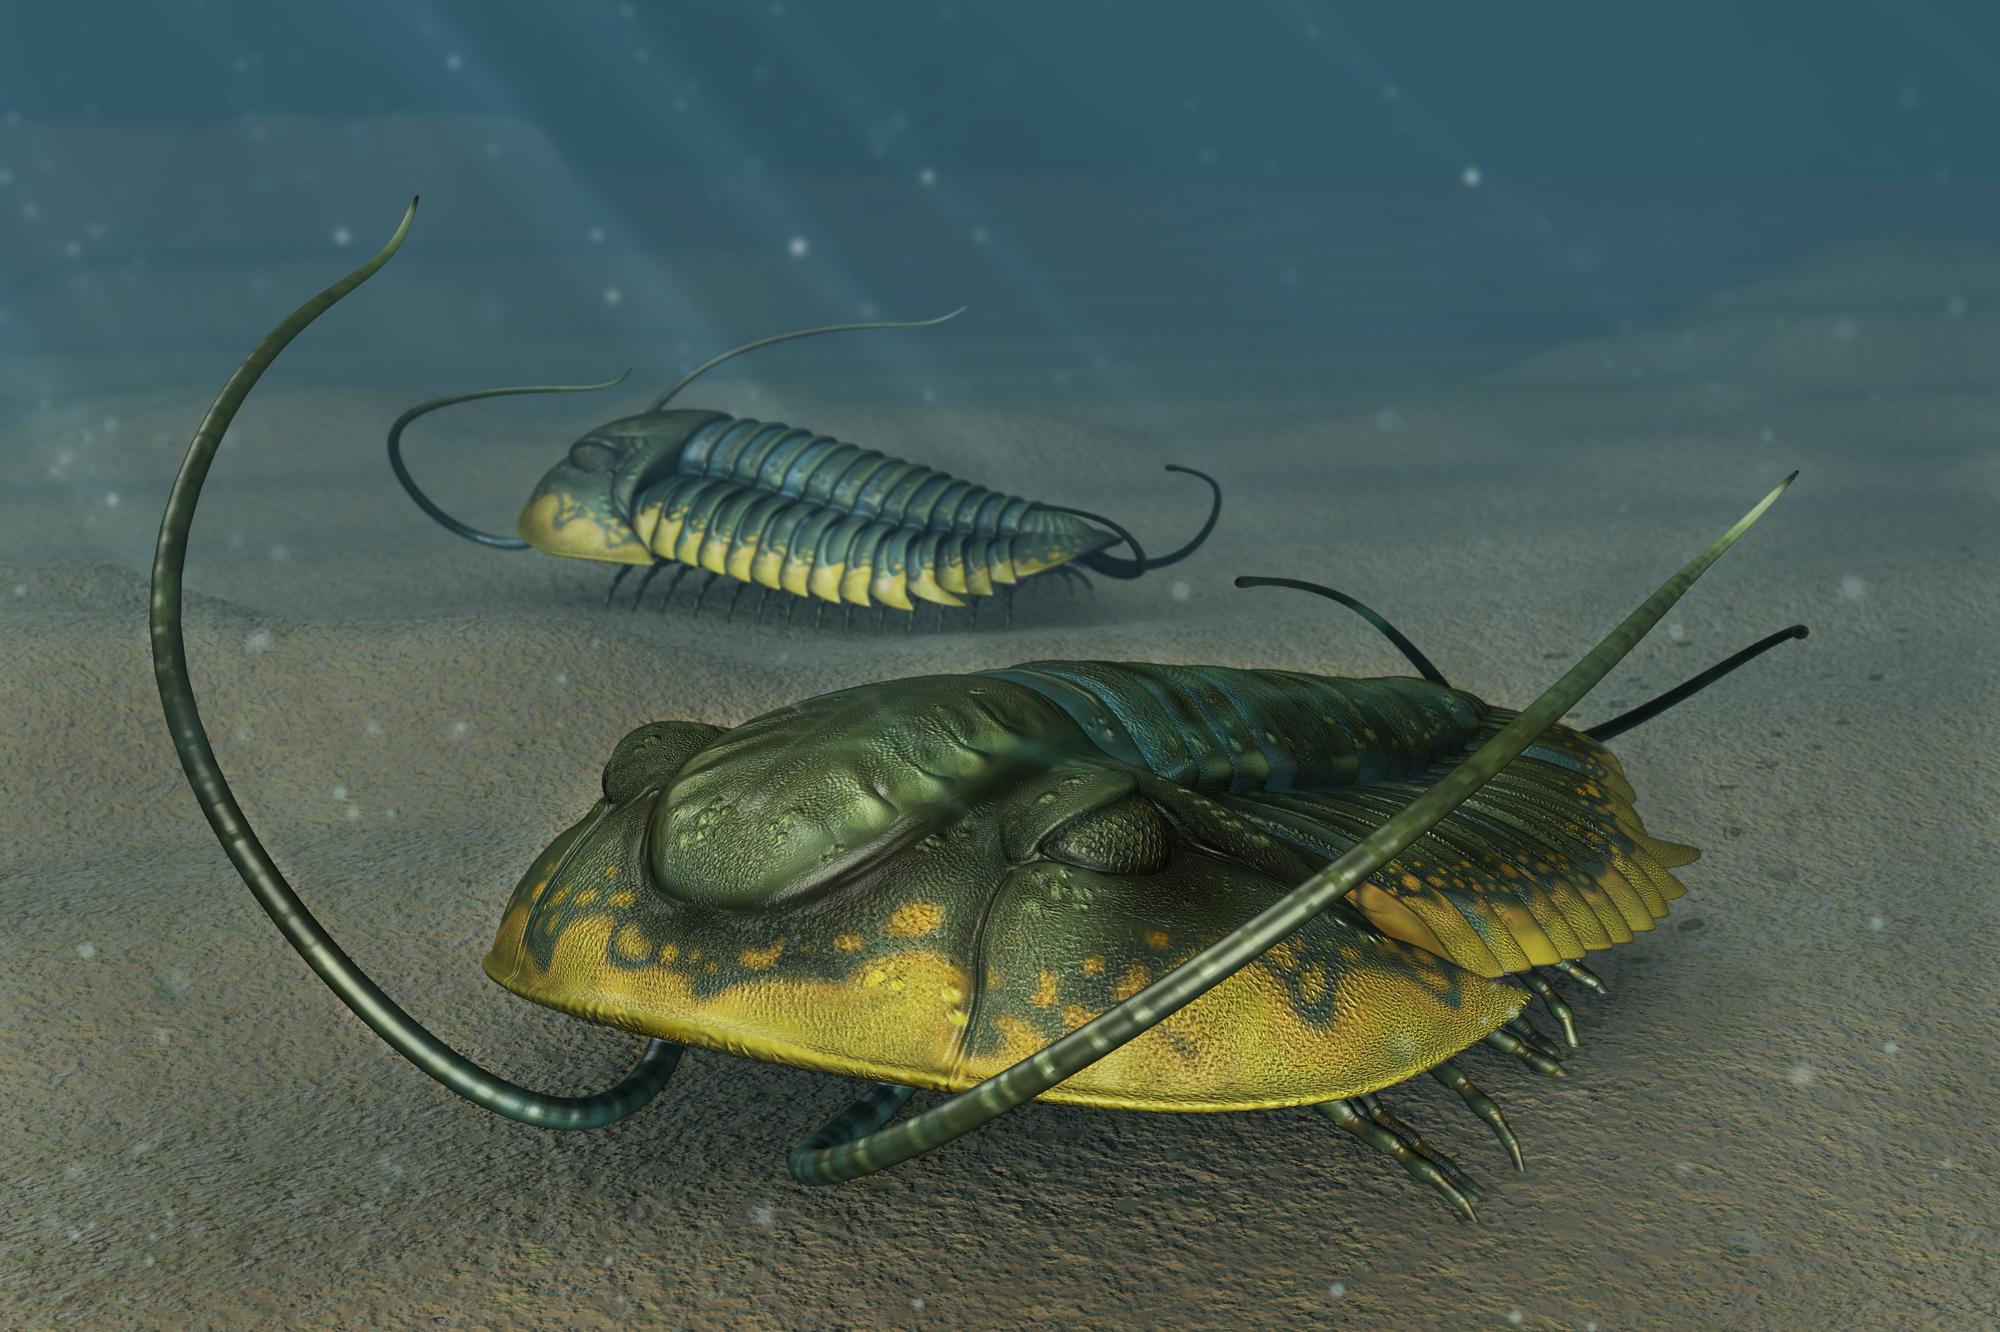 Trilobites - Ehmania sp. by Onikaizer